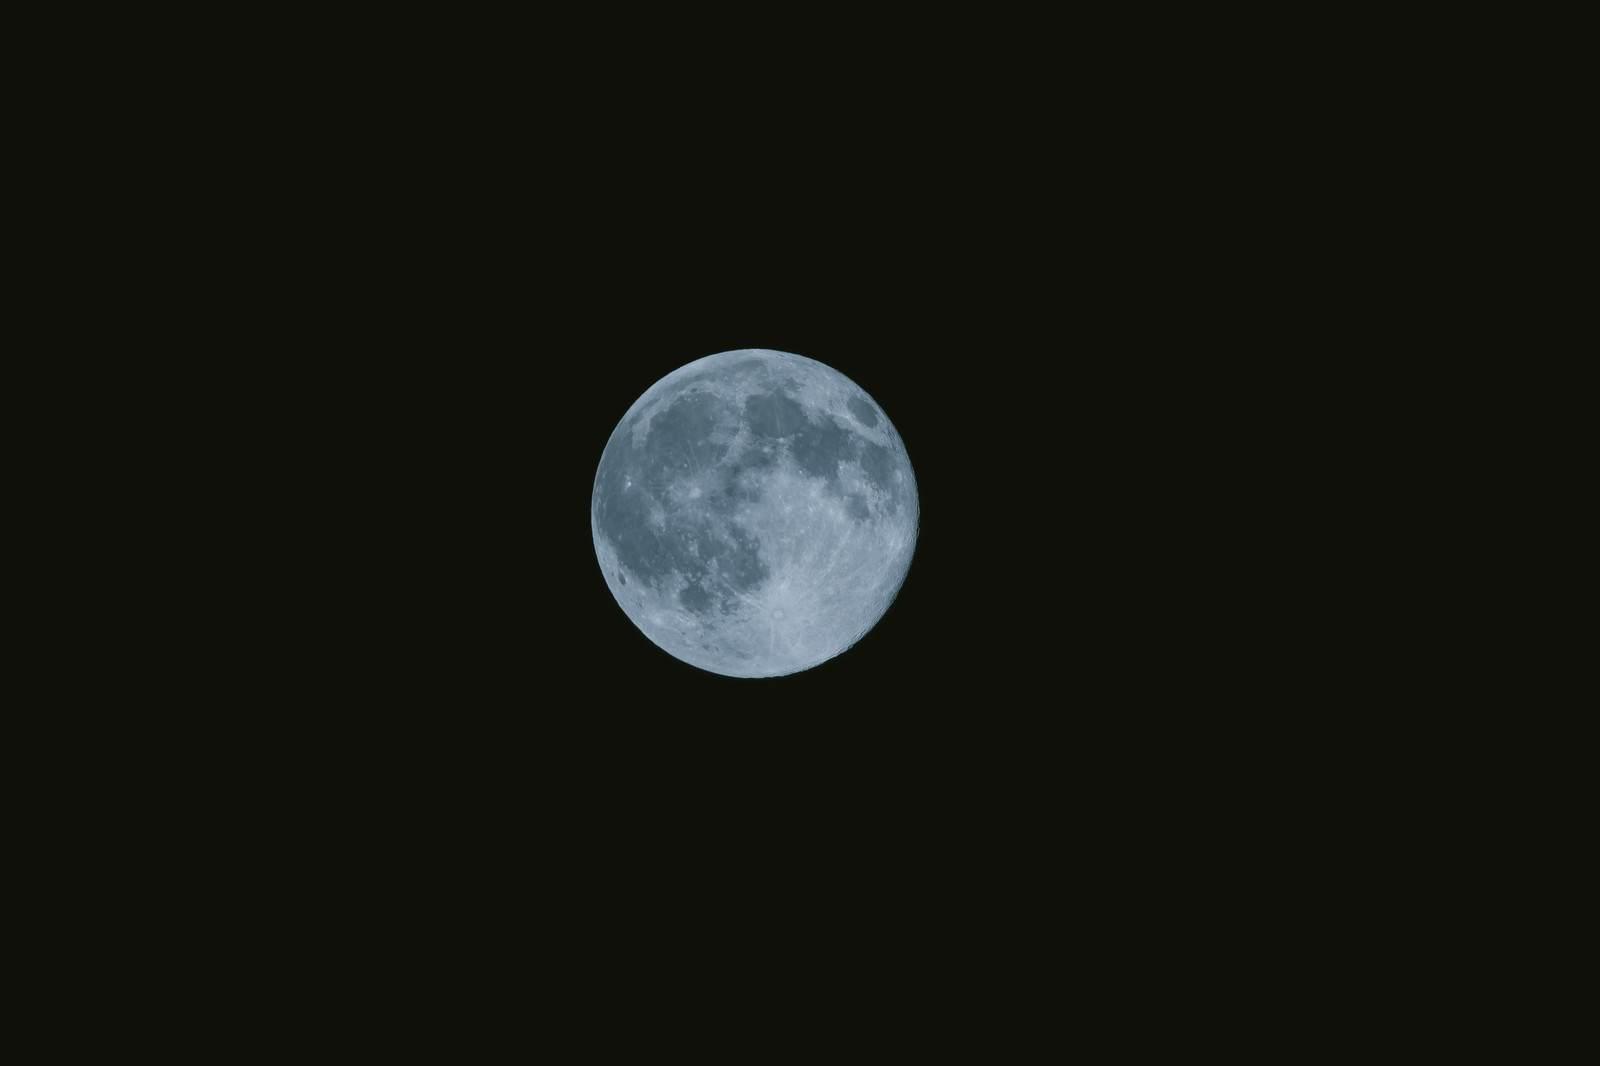 山にまつわる怖い話『綺麗な月』|洒落怖・山の怪談